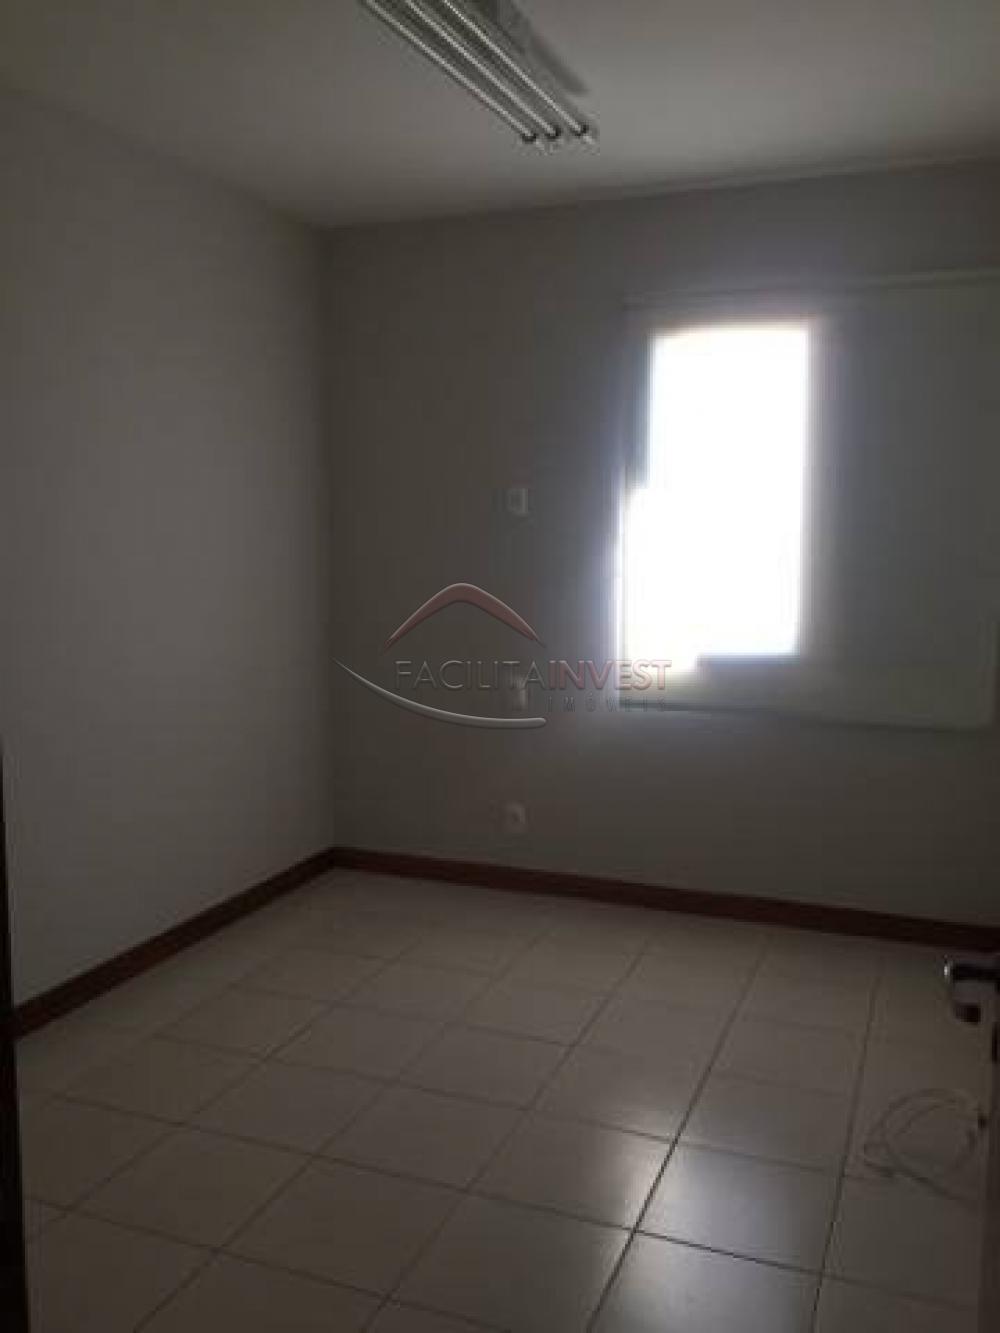 Comprar Apartamentos / Apart. Padrão em Ribeirão Preto apenas R$ 800.000,00 - Foto 18